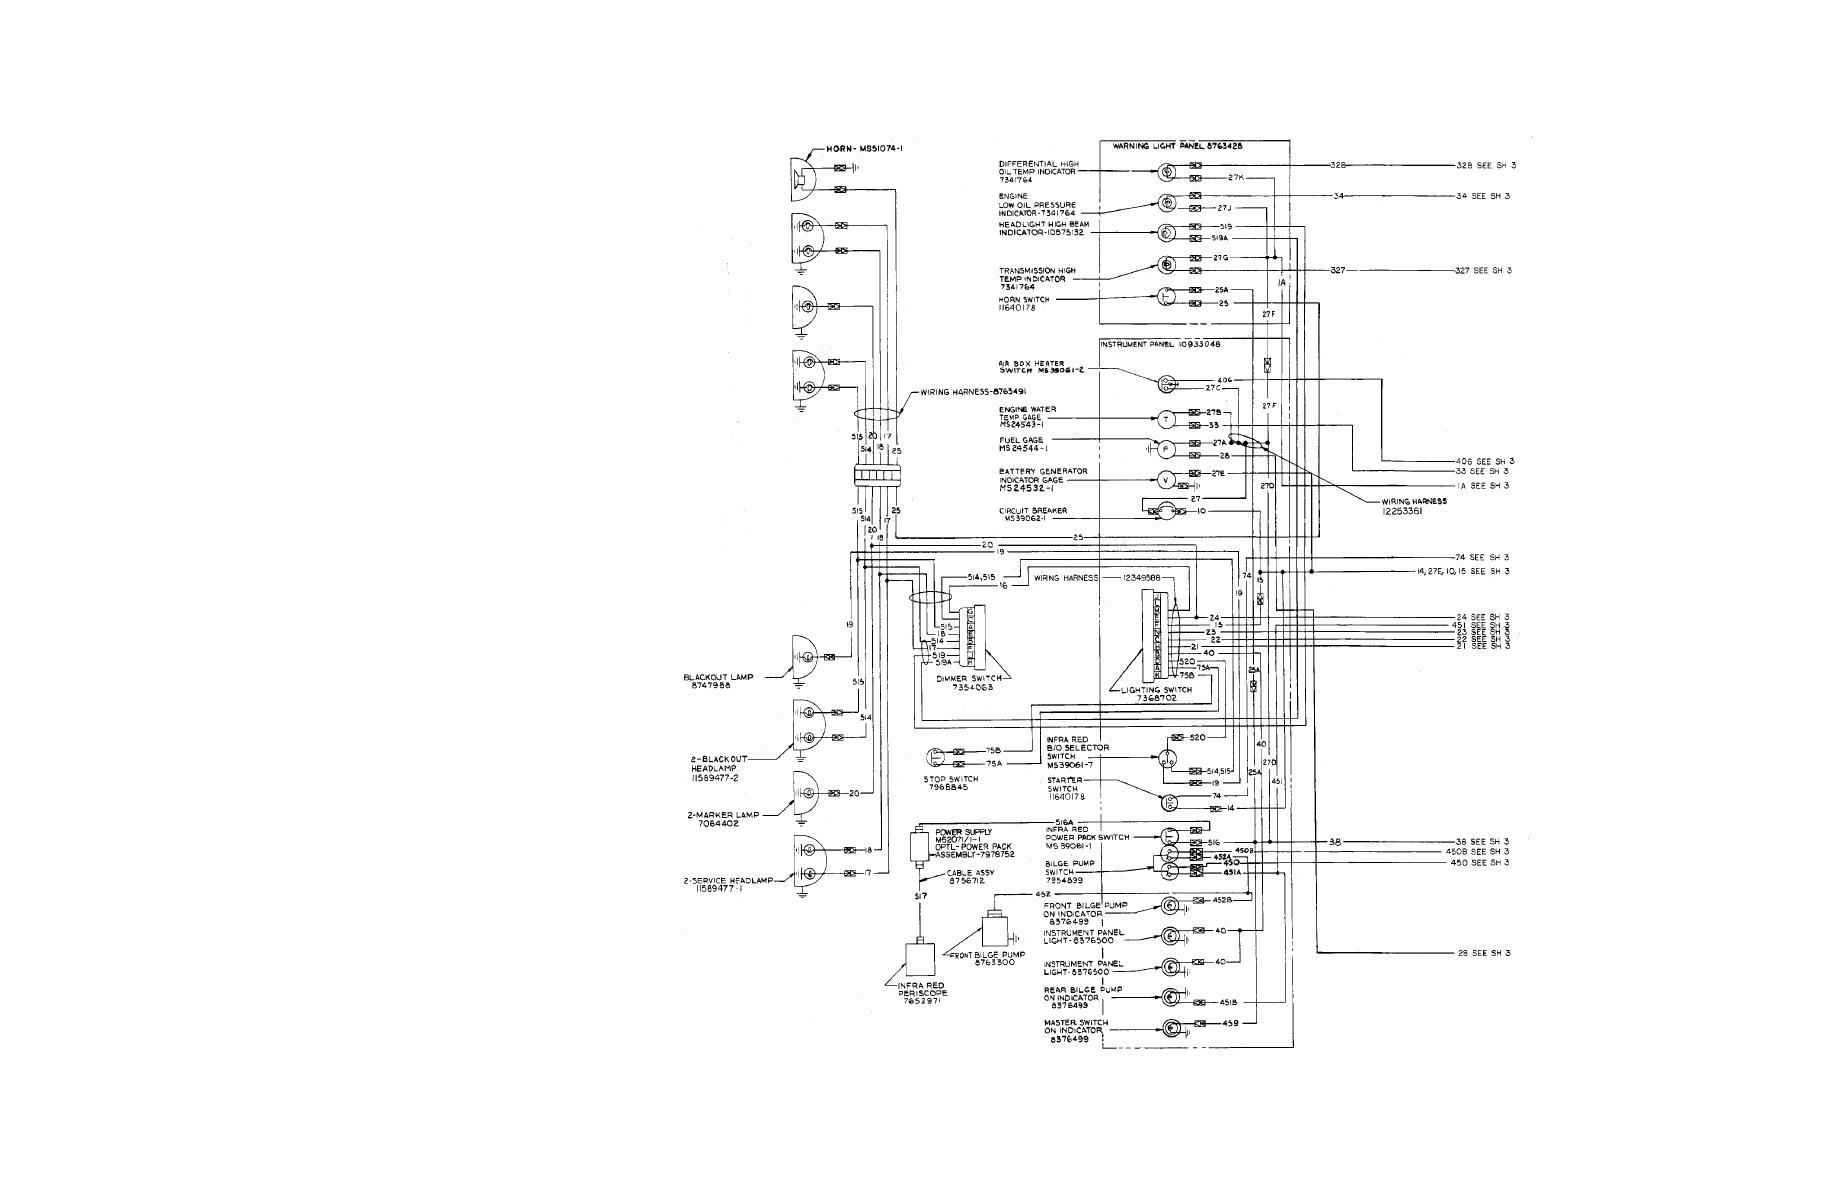 m1068 electrical wiring diagram sheet 4 of 4